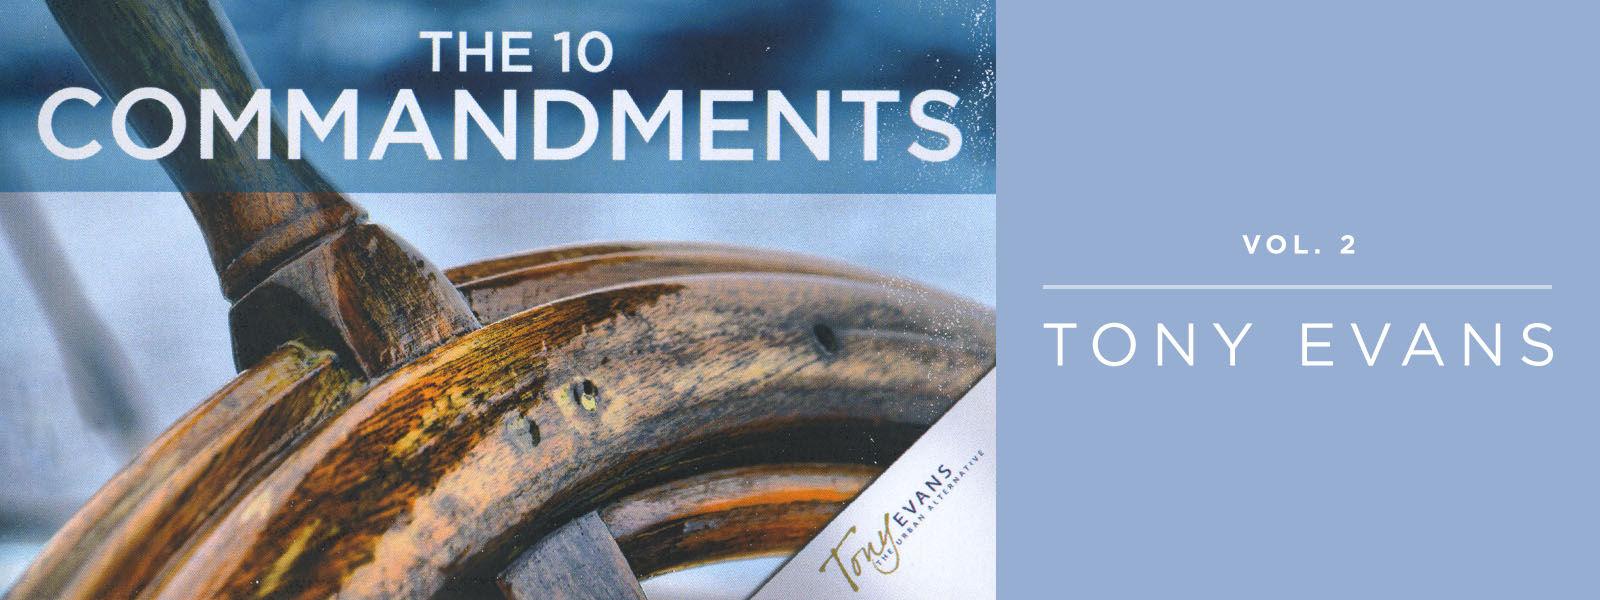 The Ten Commandments- Volume 2